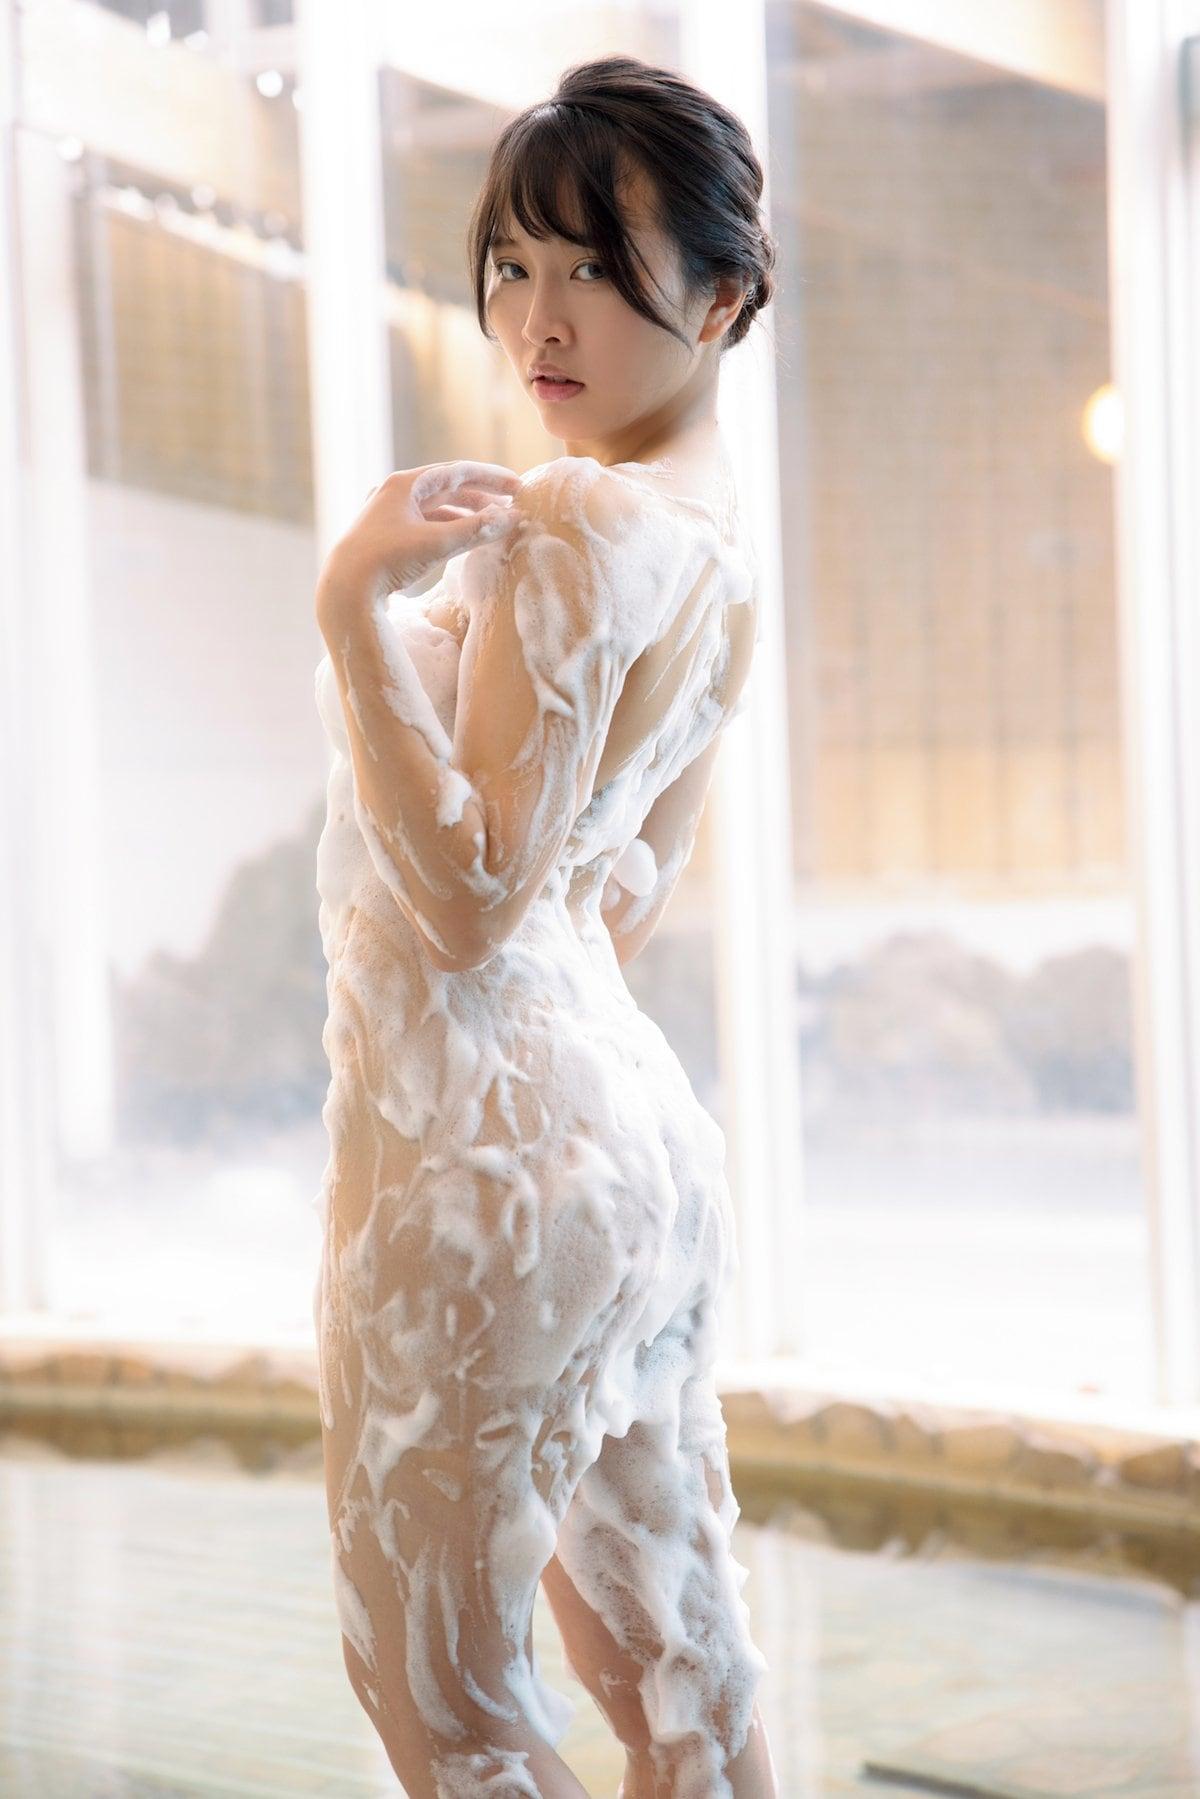 橋本ひかり「ヒモはいらないの」手ブラで露出度の限界に挑戦【画像9枚】の画像006